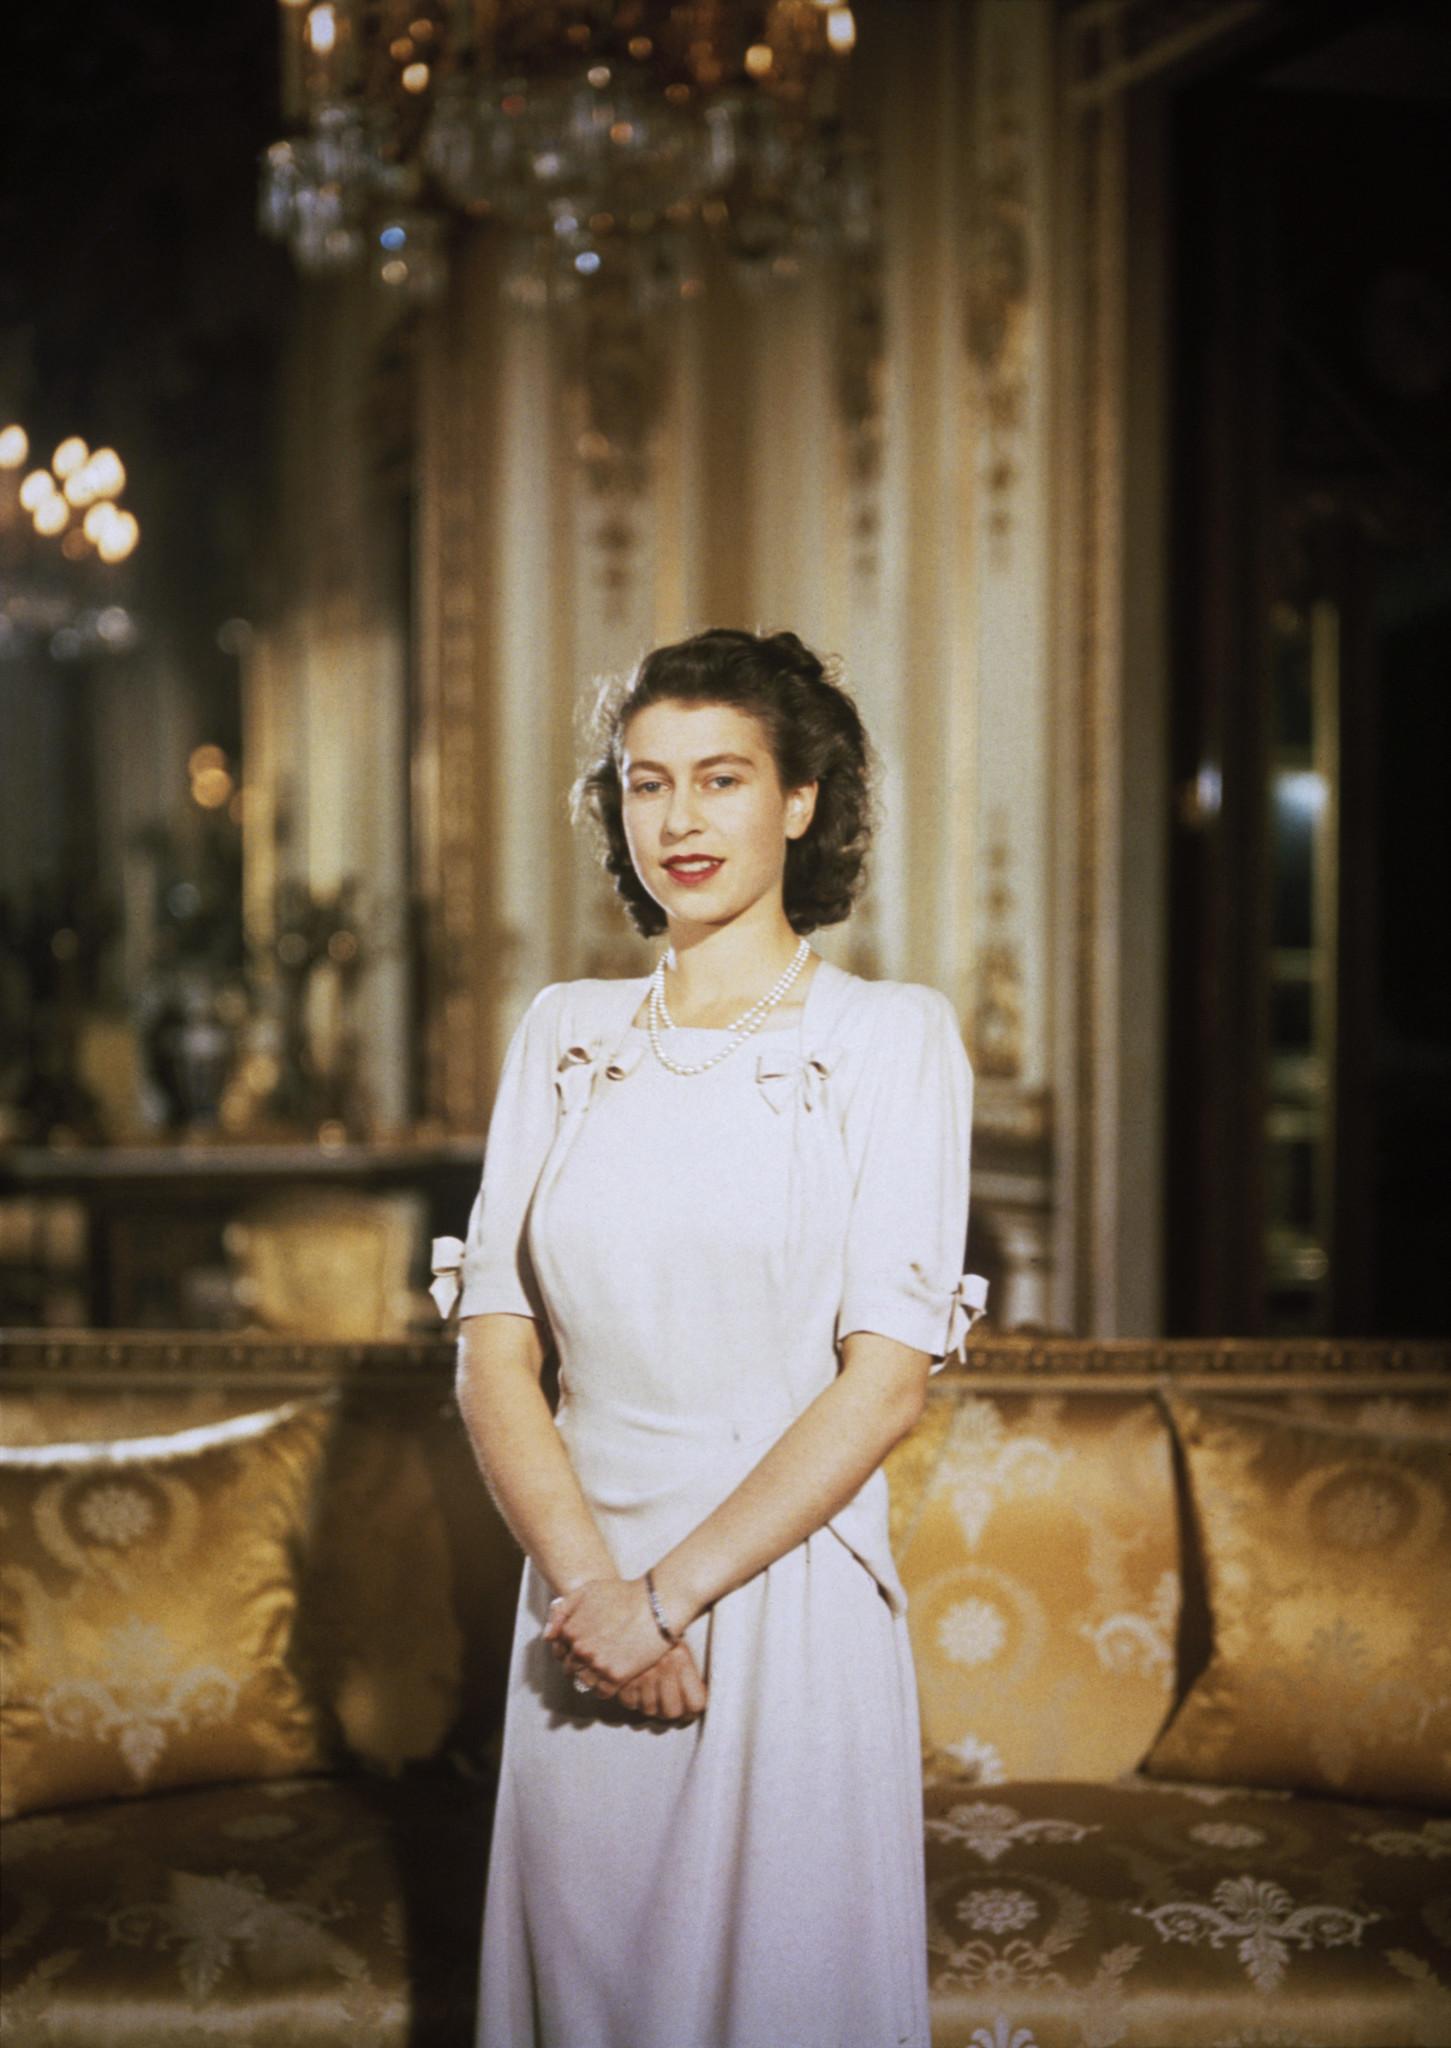 queen elizabeth - photo #36